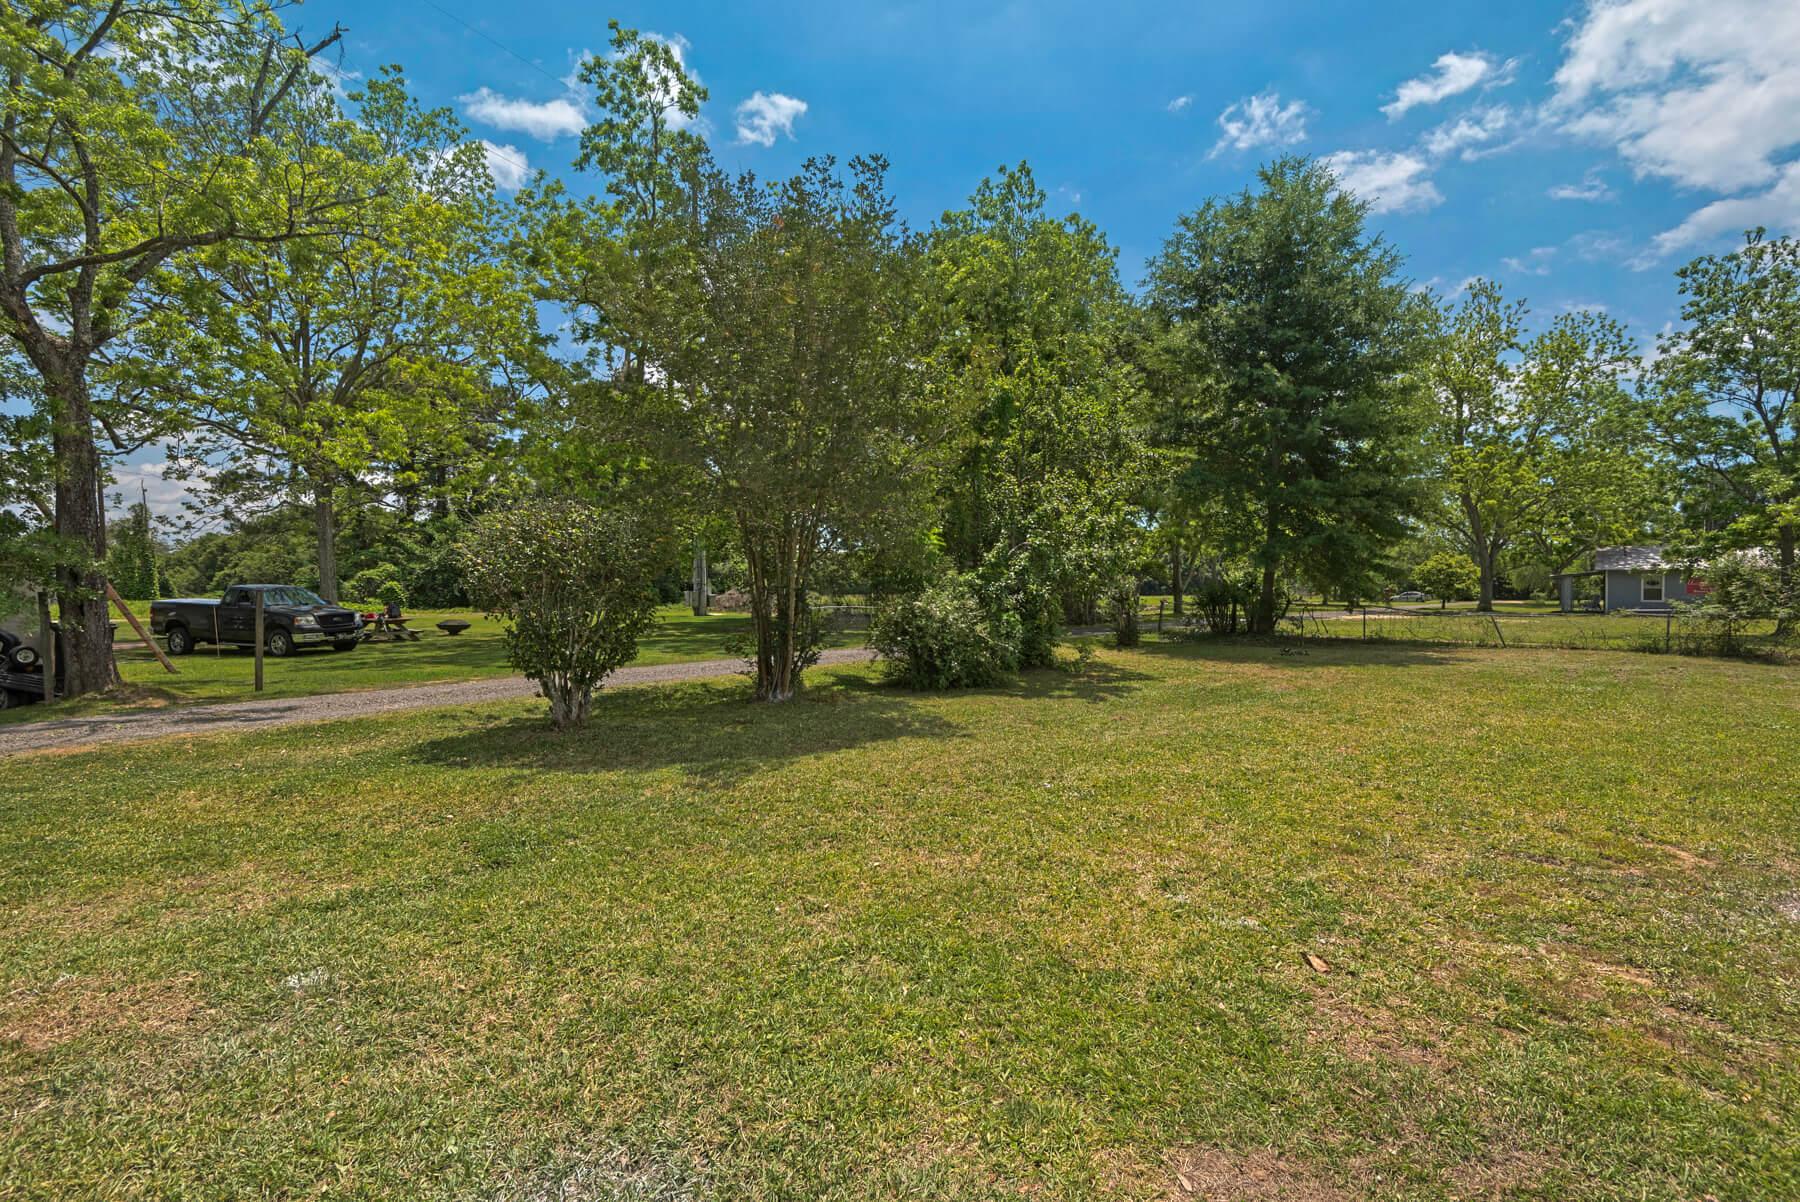 7466 Twin Beech Road Fairhope for Sale Urban Property backyard view 8